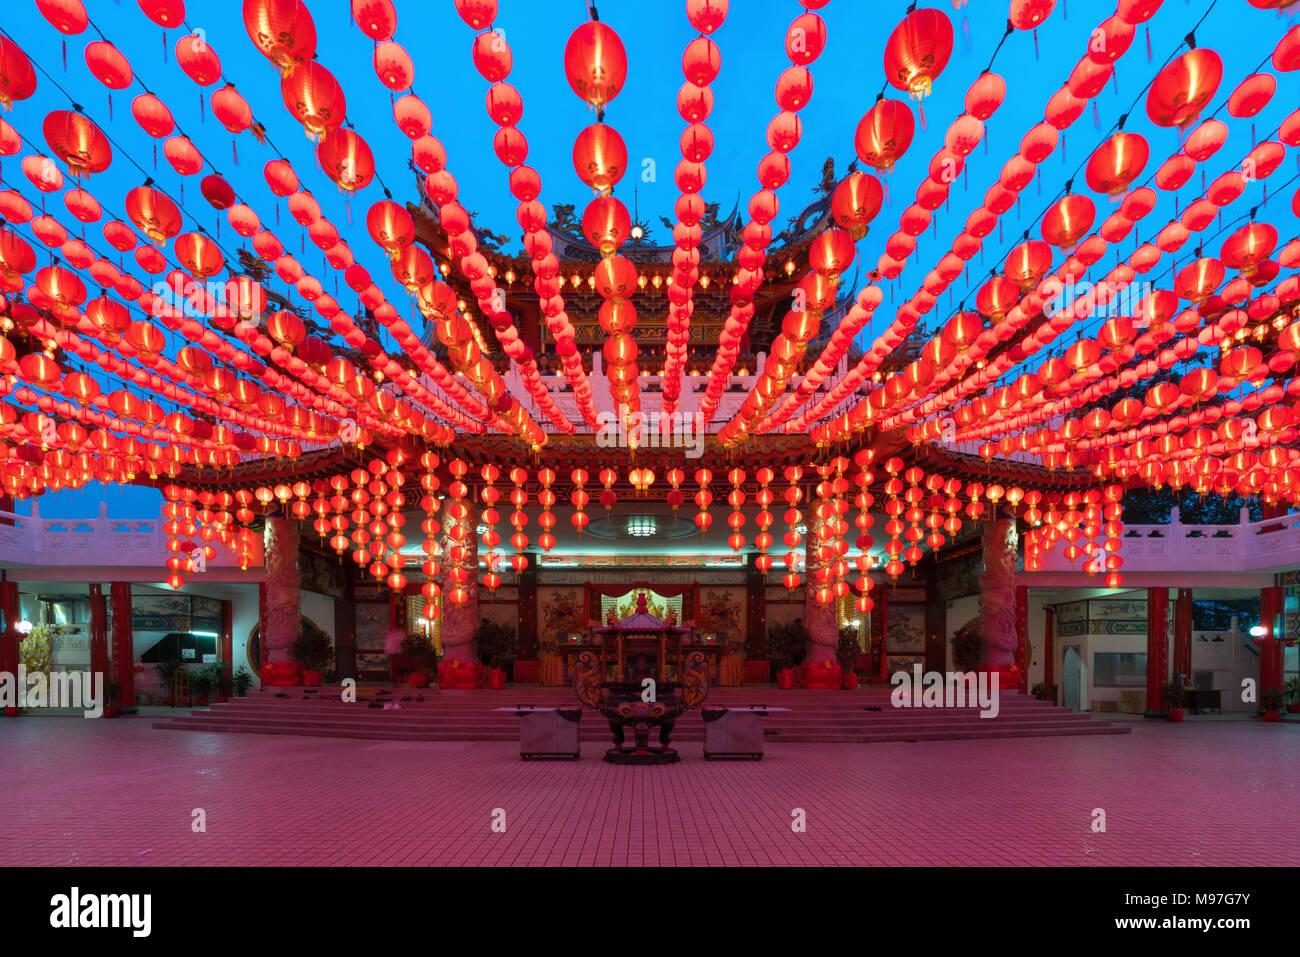 Linternas chinas tradicionales en el templo de Thean Hou display iluminado para la fiesta de año nuevo chino, Kuala Lumpur, Malasia. Imagen De Stock